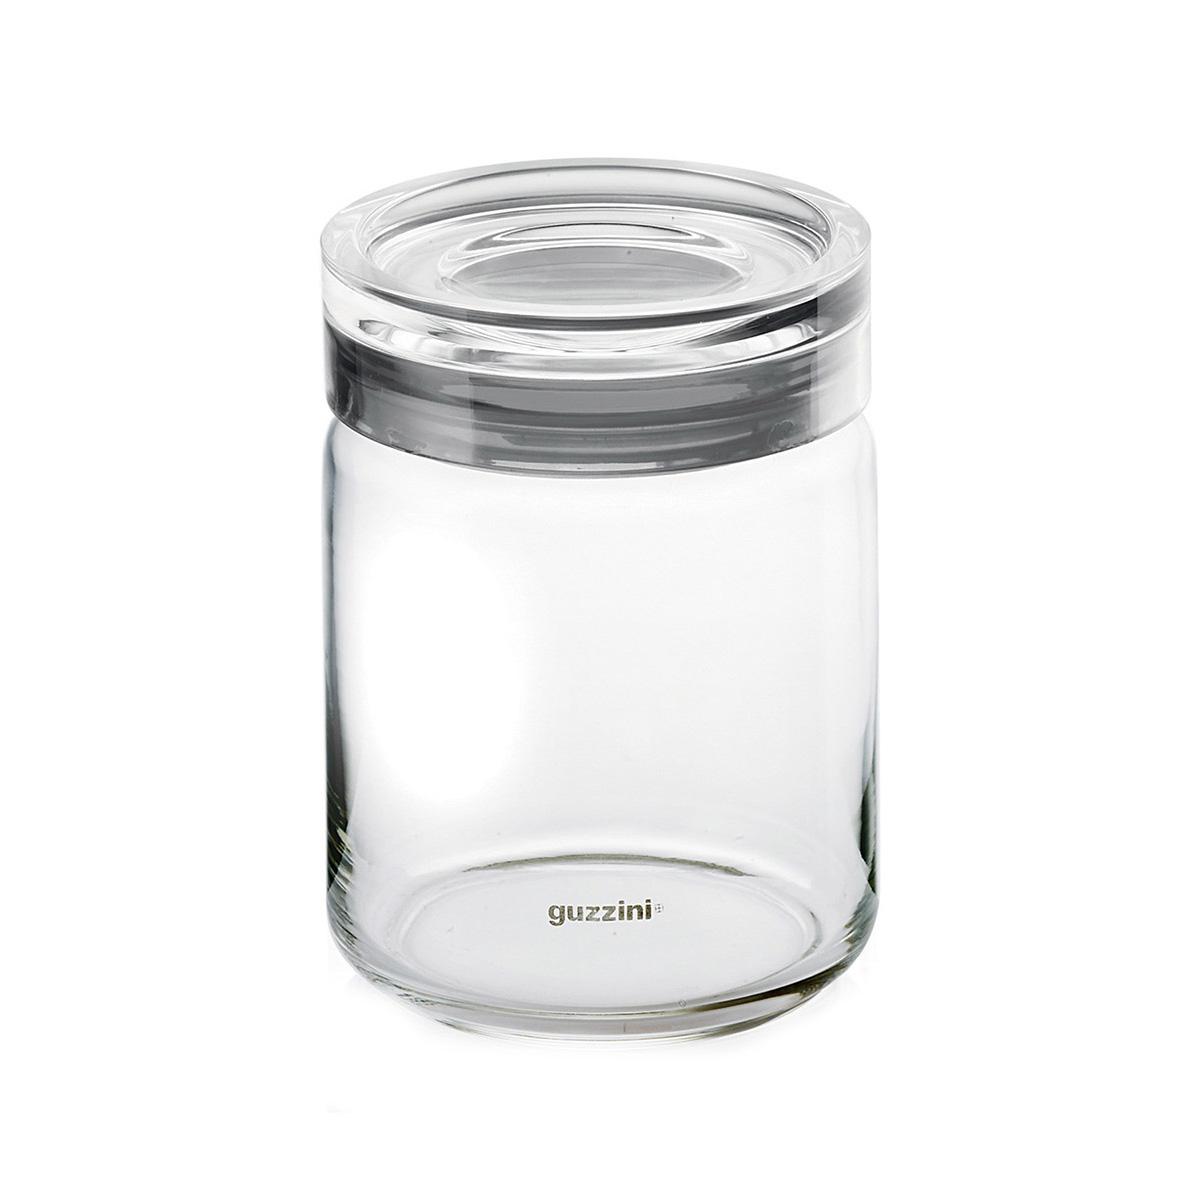 Staklena tegla JAR 2855.16.92 siva